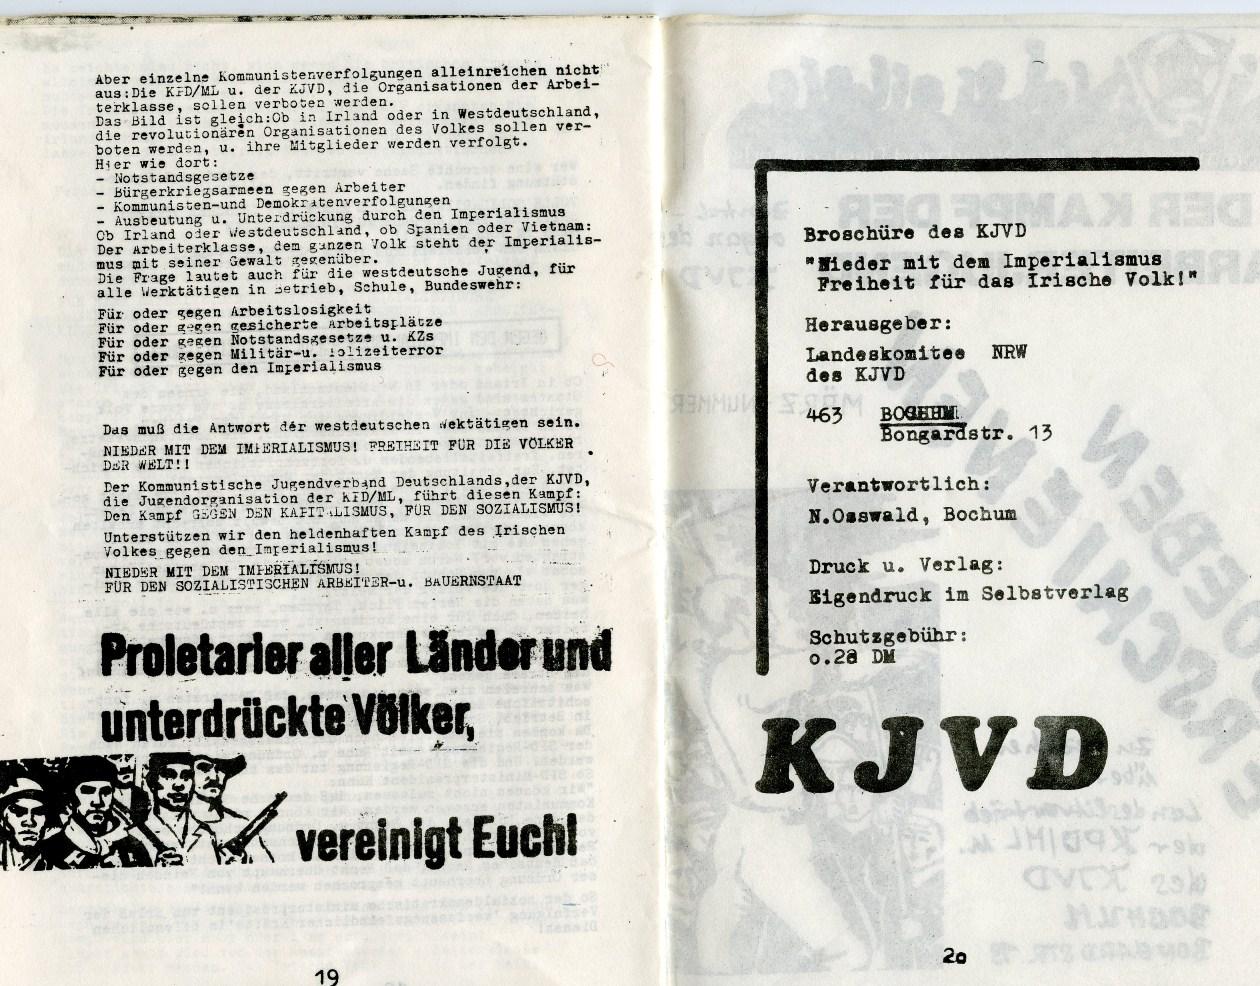 KJVD_Irlandbroschuere_1972_12